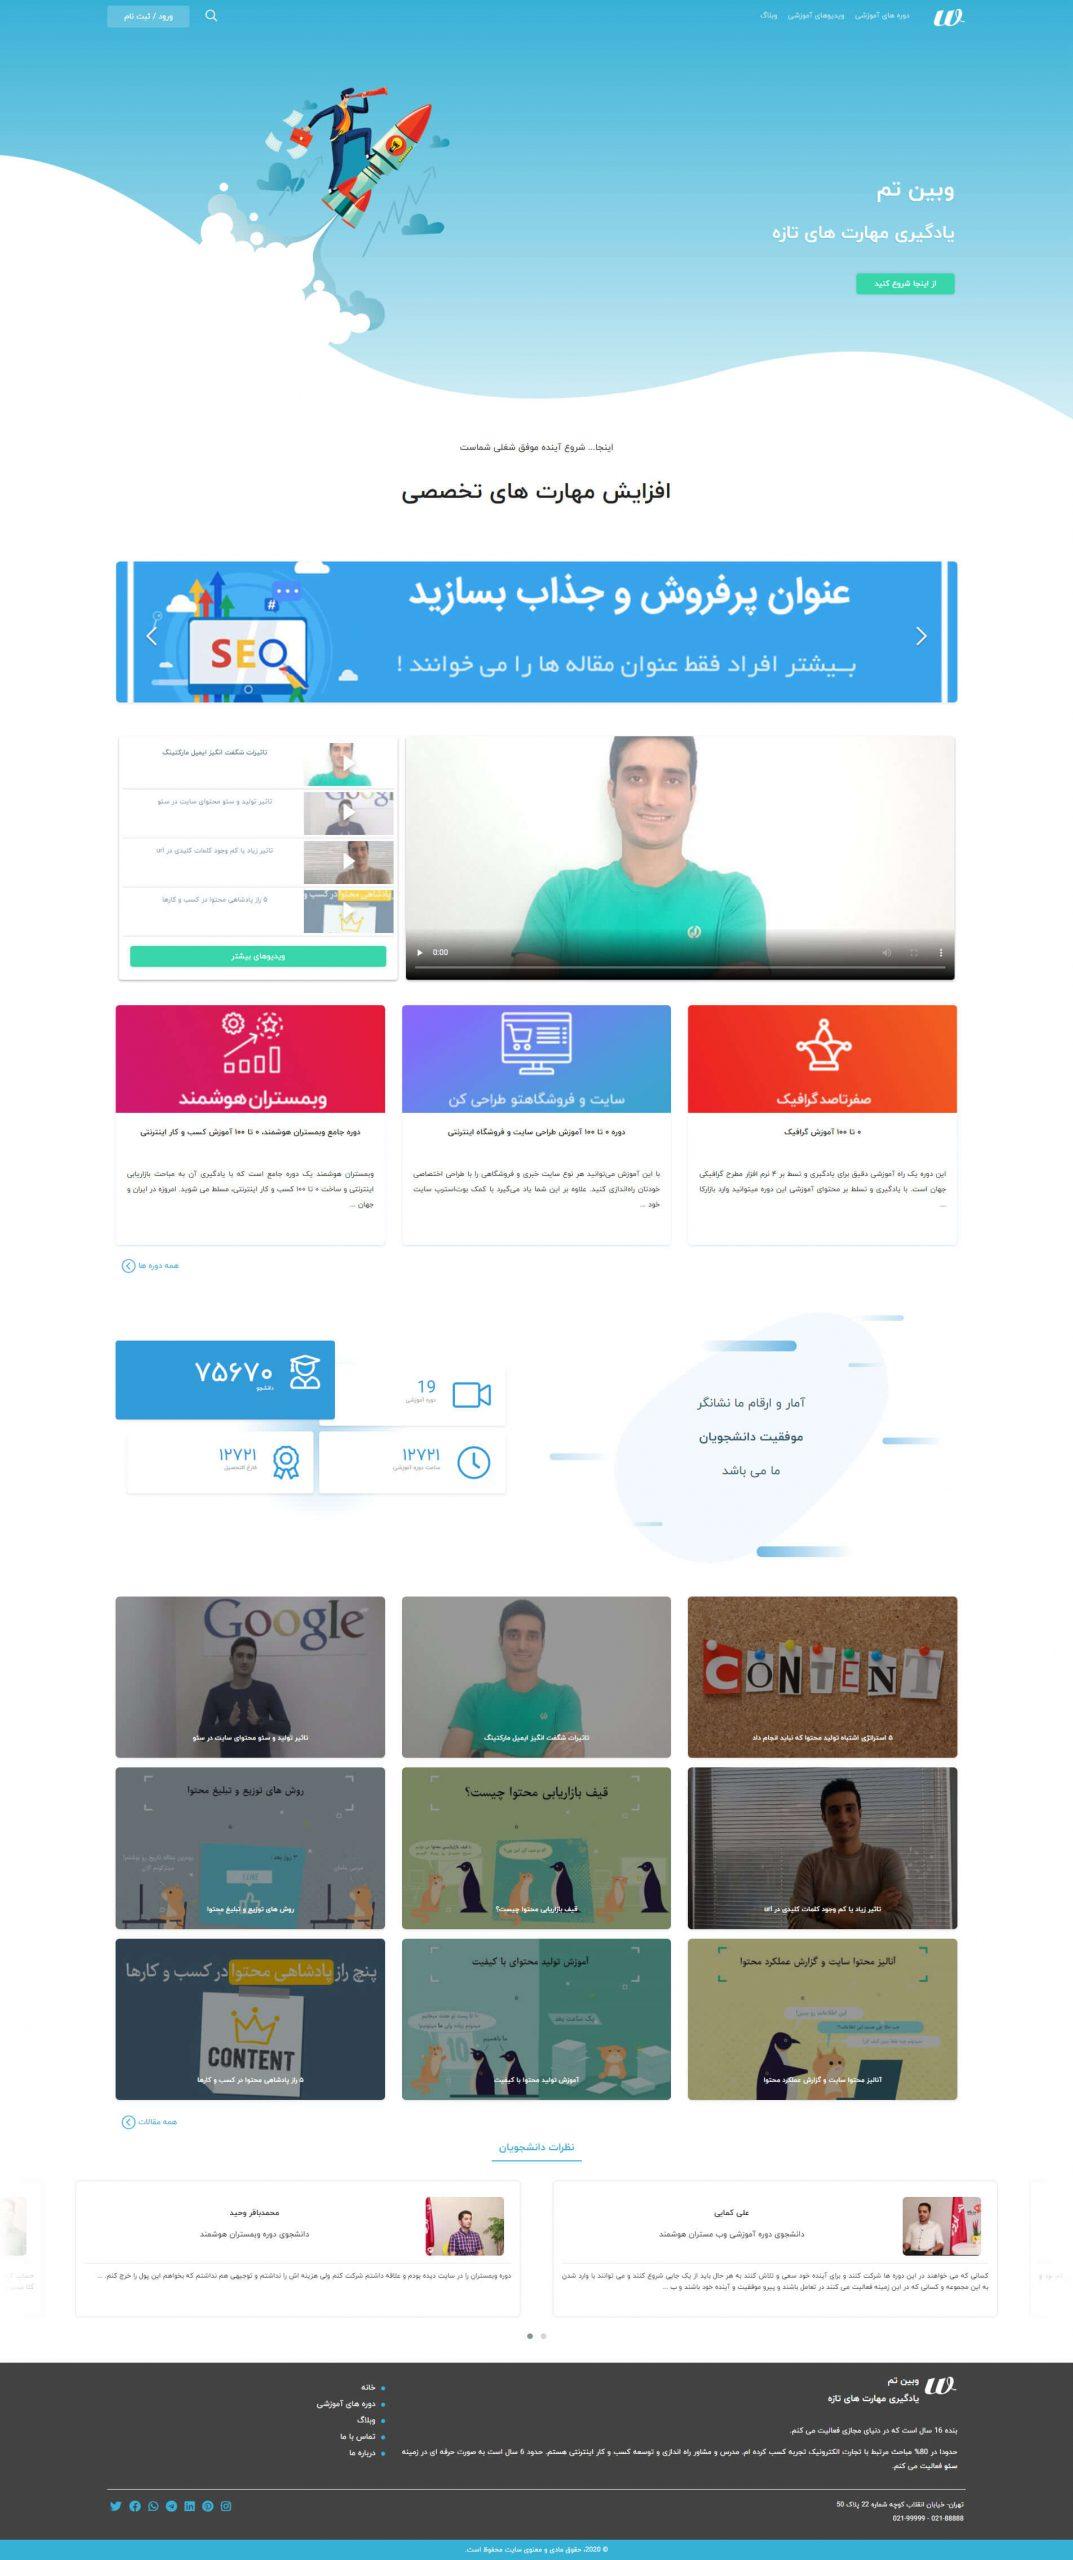 طراحی سایت در قم,طراحی قالب وردپرس,قالب های بهینه وردپرس